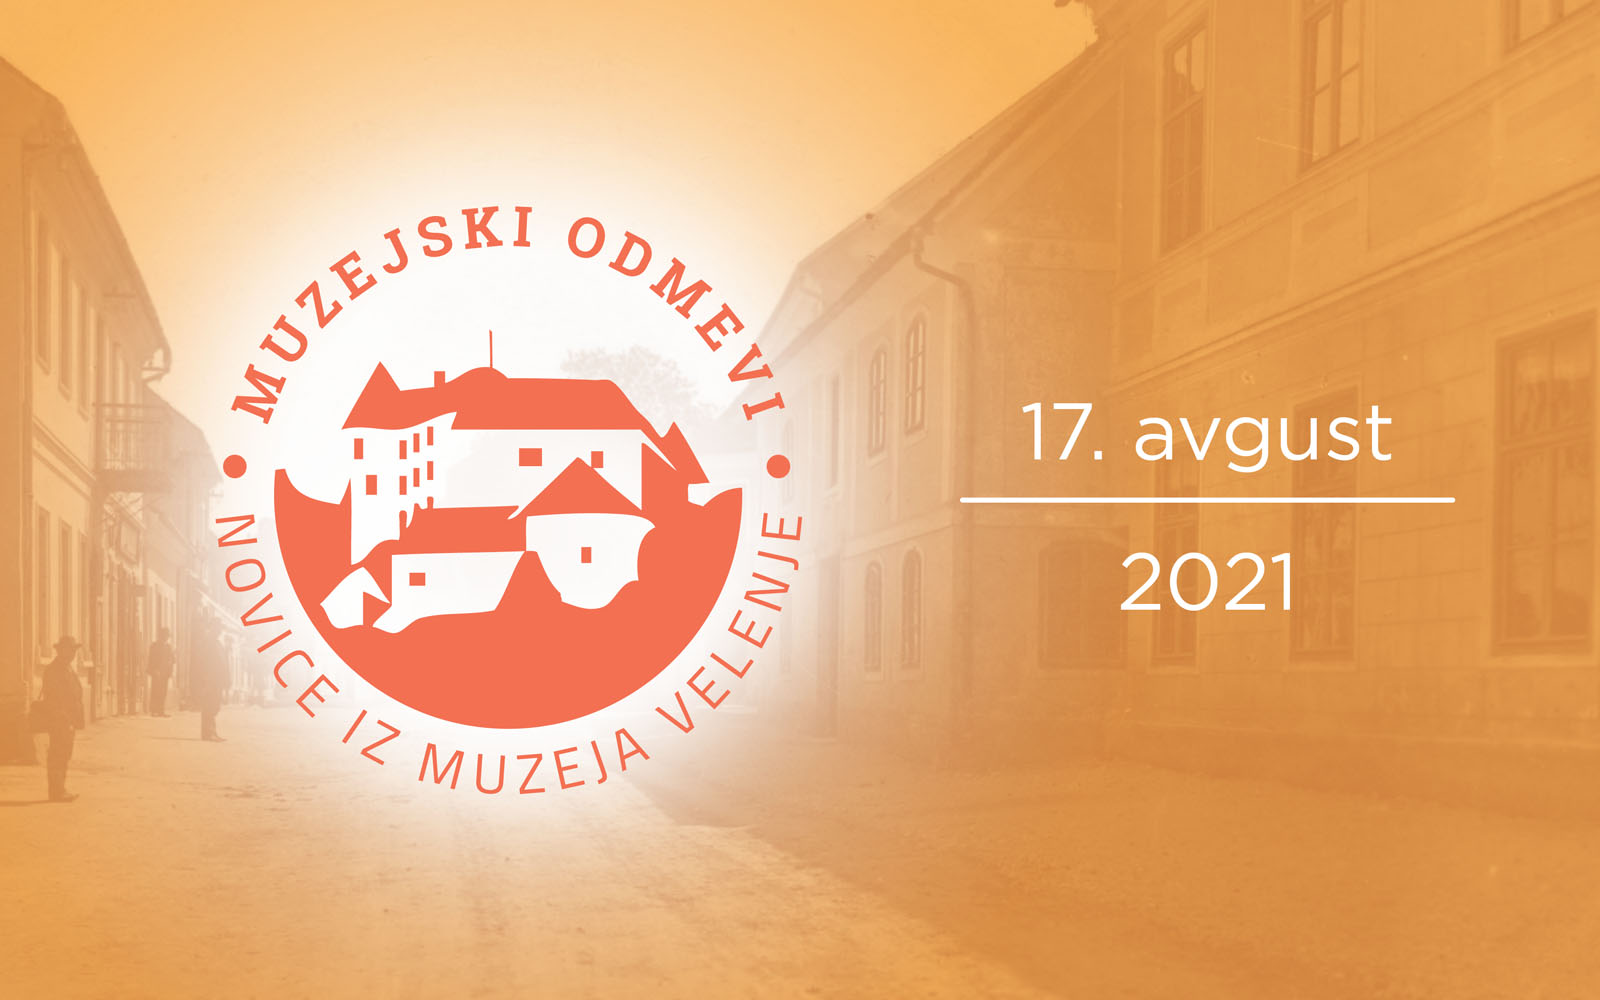 Razstava Festivala mladih kultur Kunigunda, koncert Majde Petan in srednjeveški tabor na Velenjskem gradu